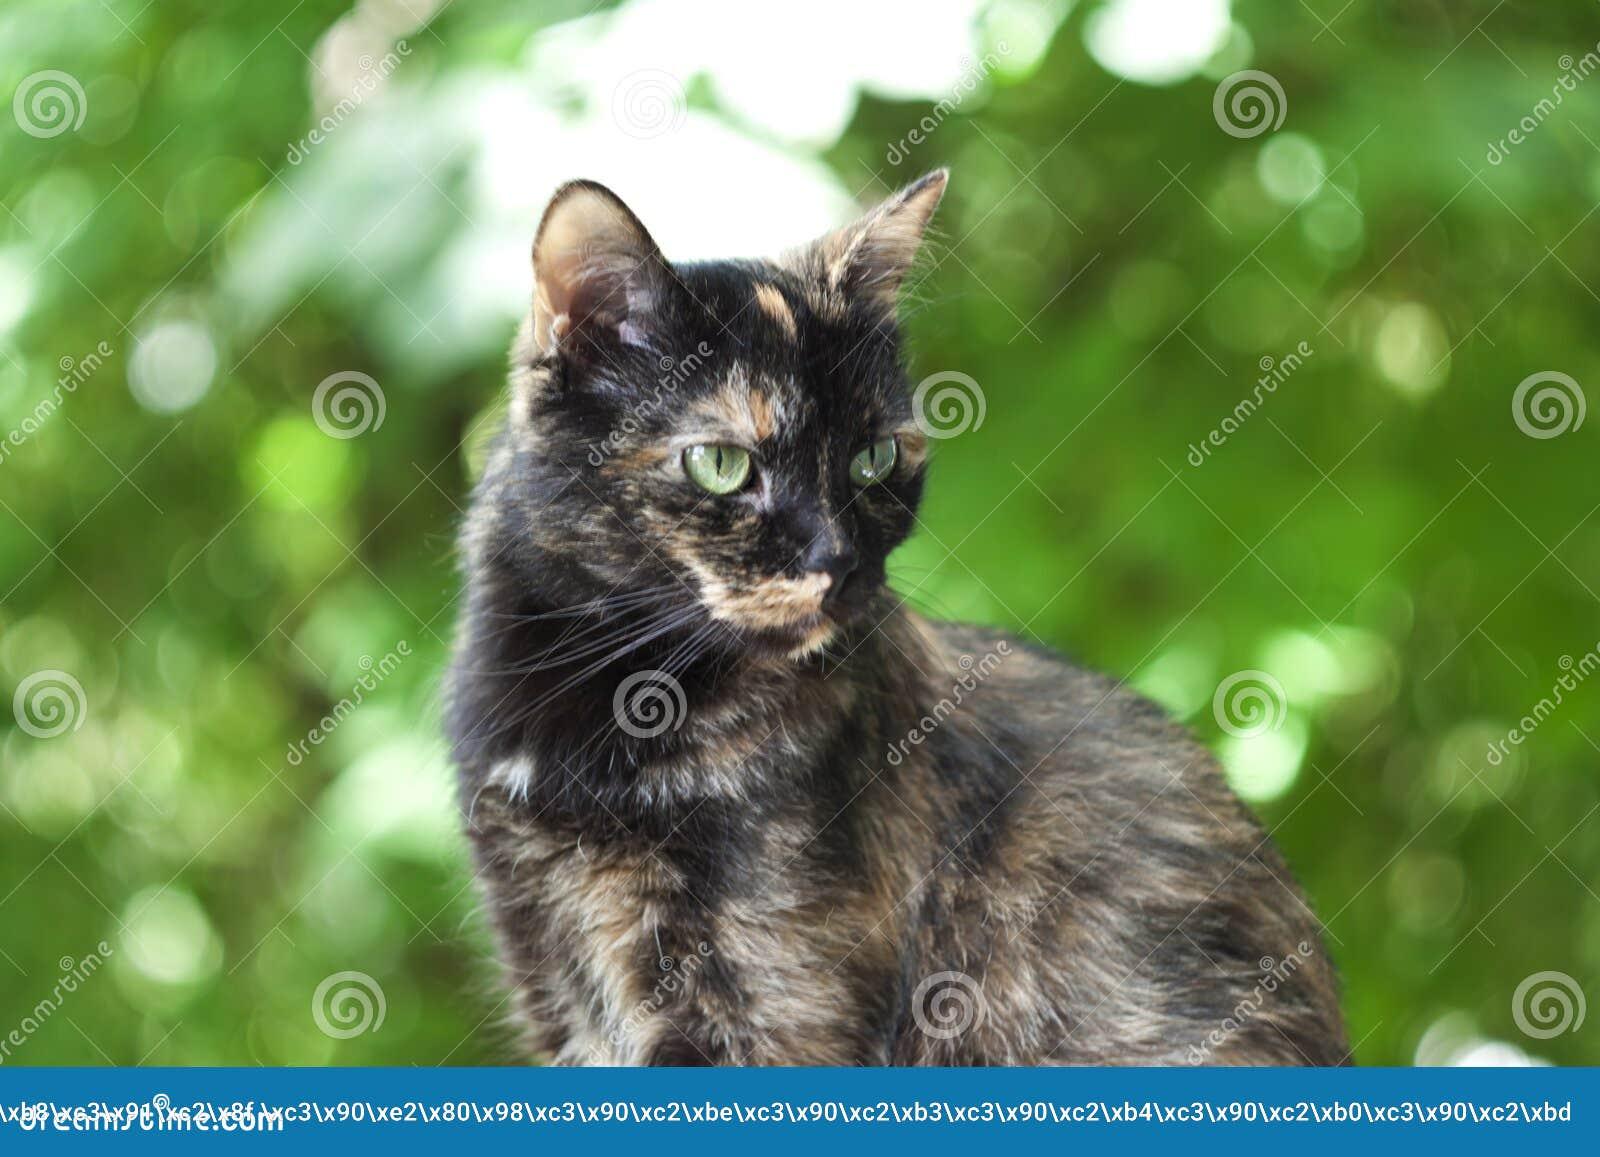 Mehrfarbige Katze auf einem grünen Hintergrund